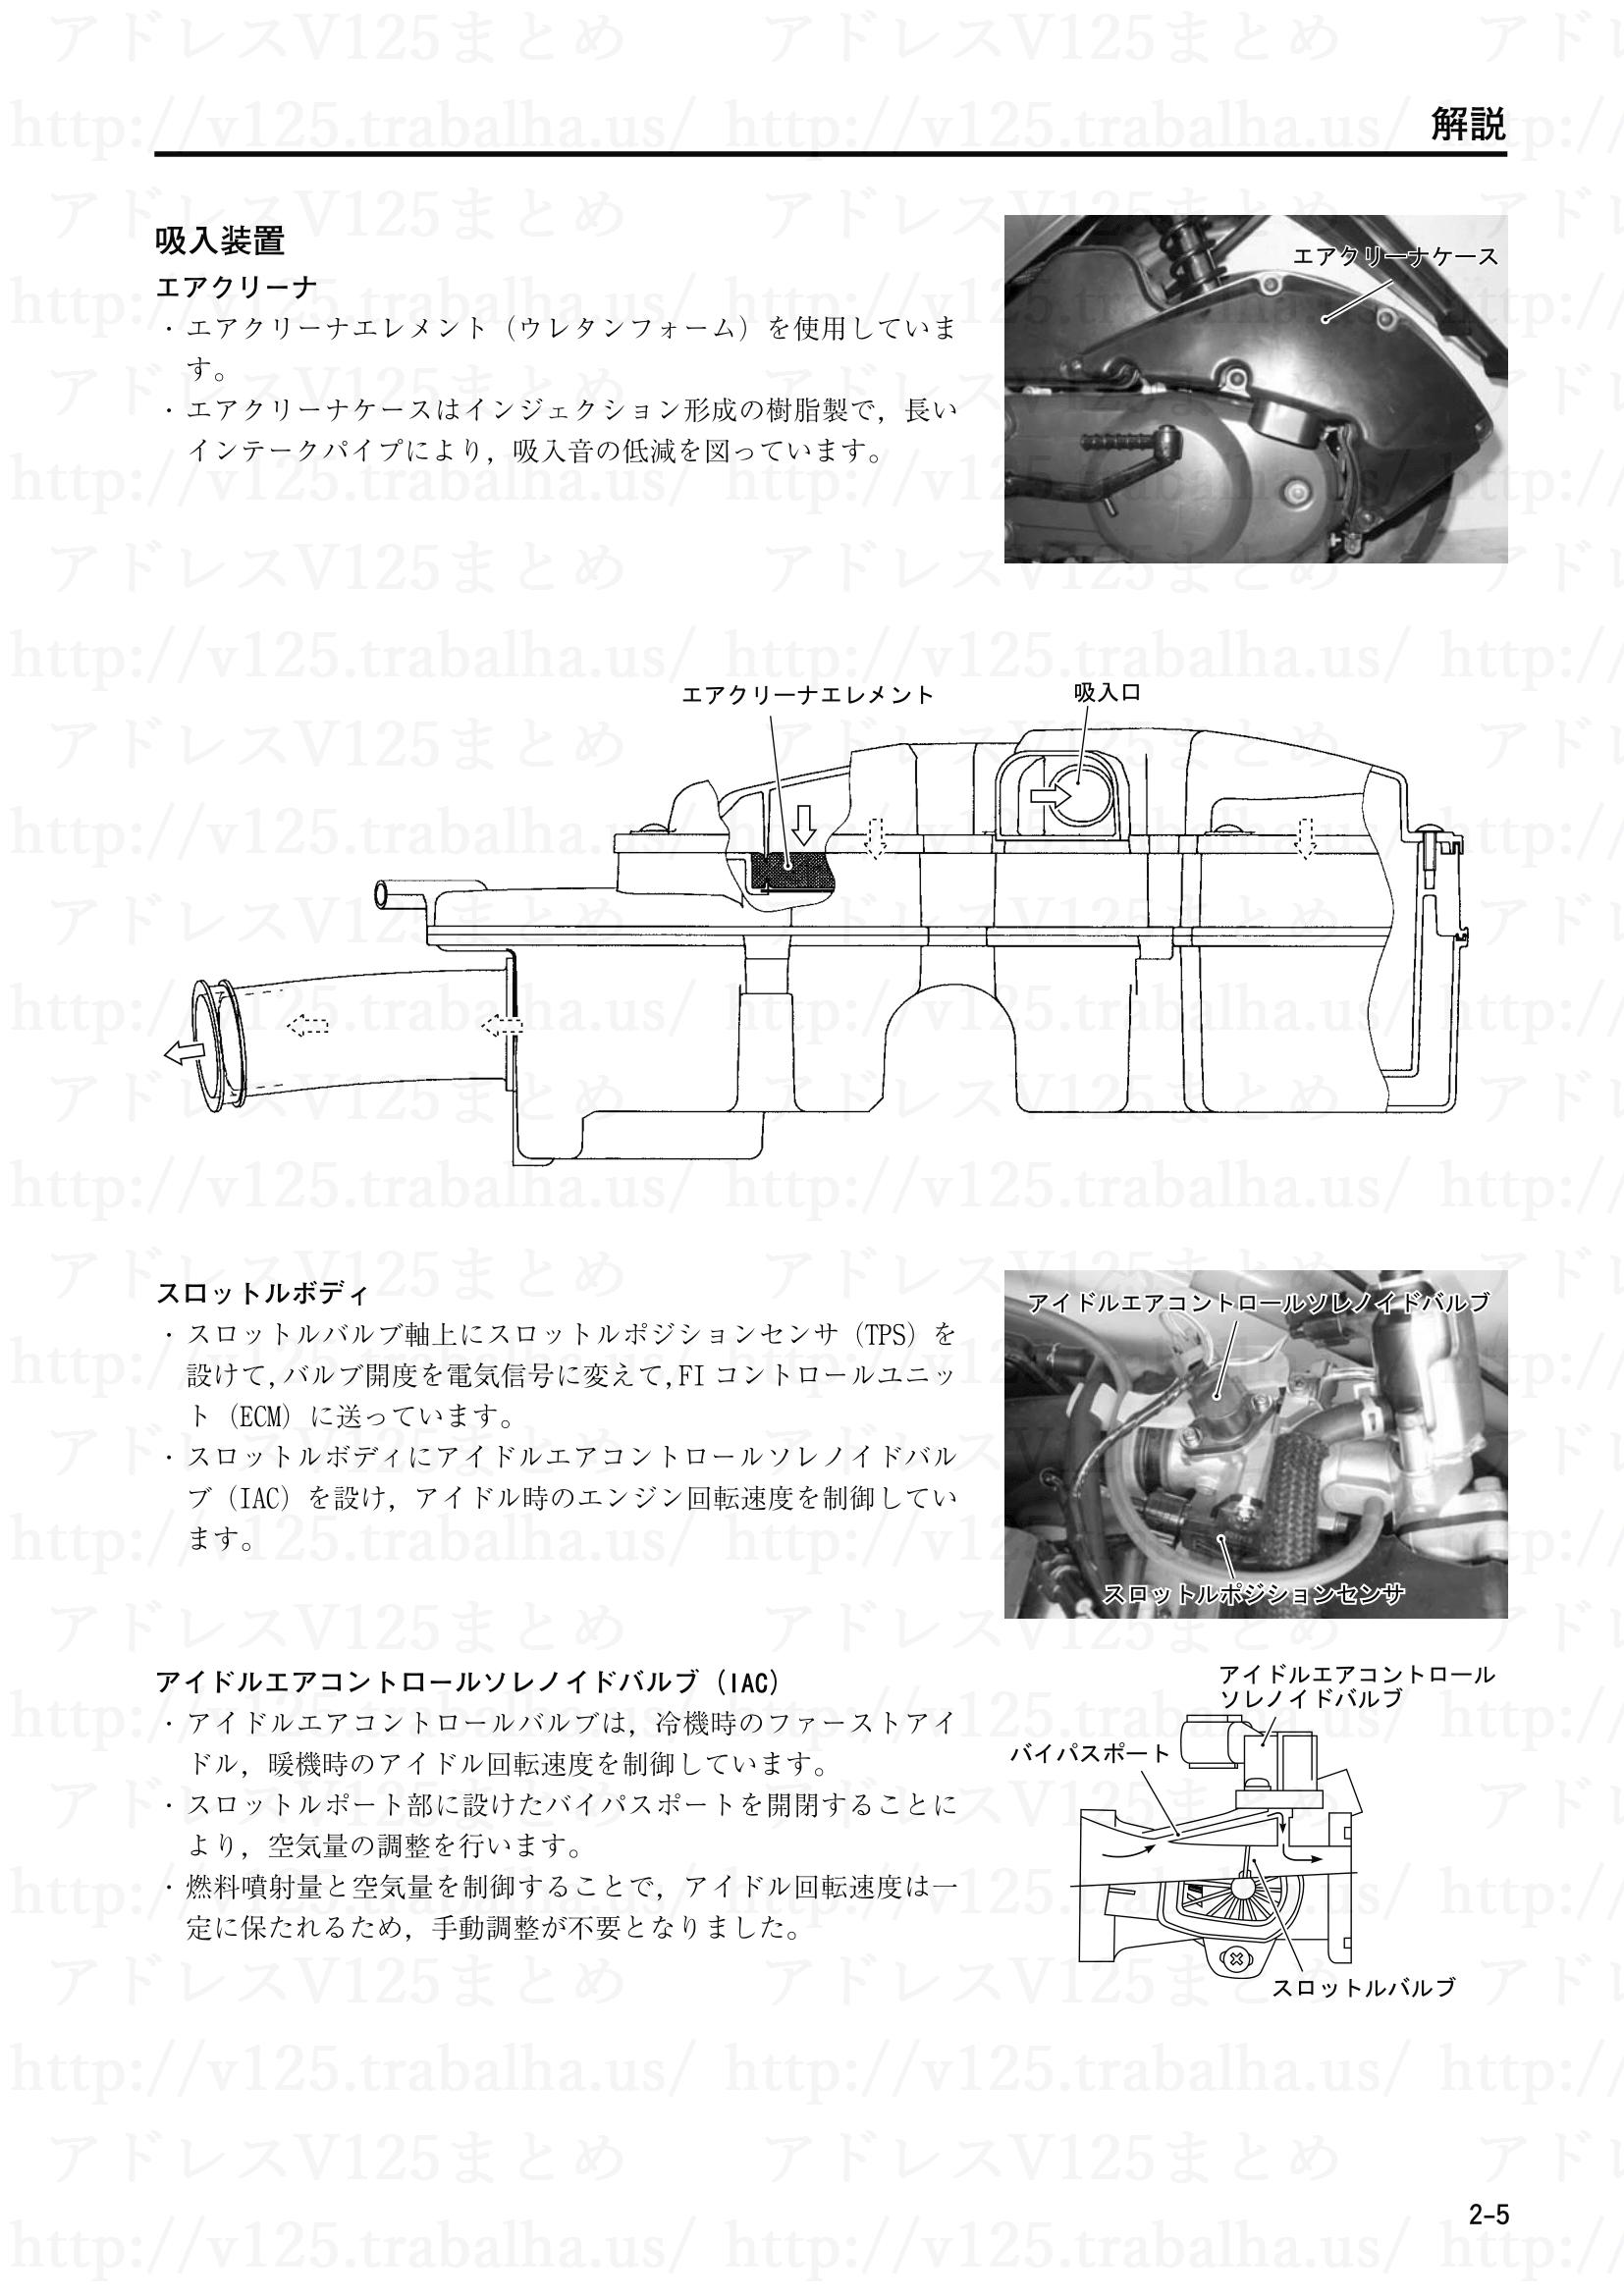 2-5【解説】吸入装置